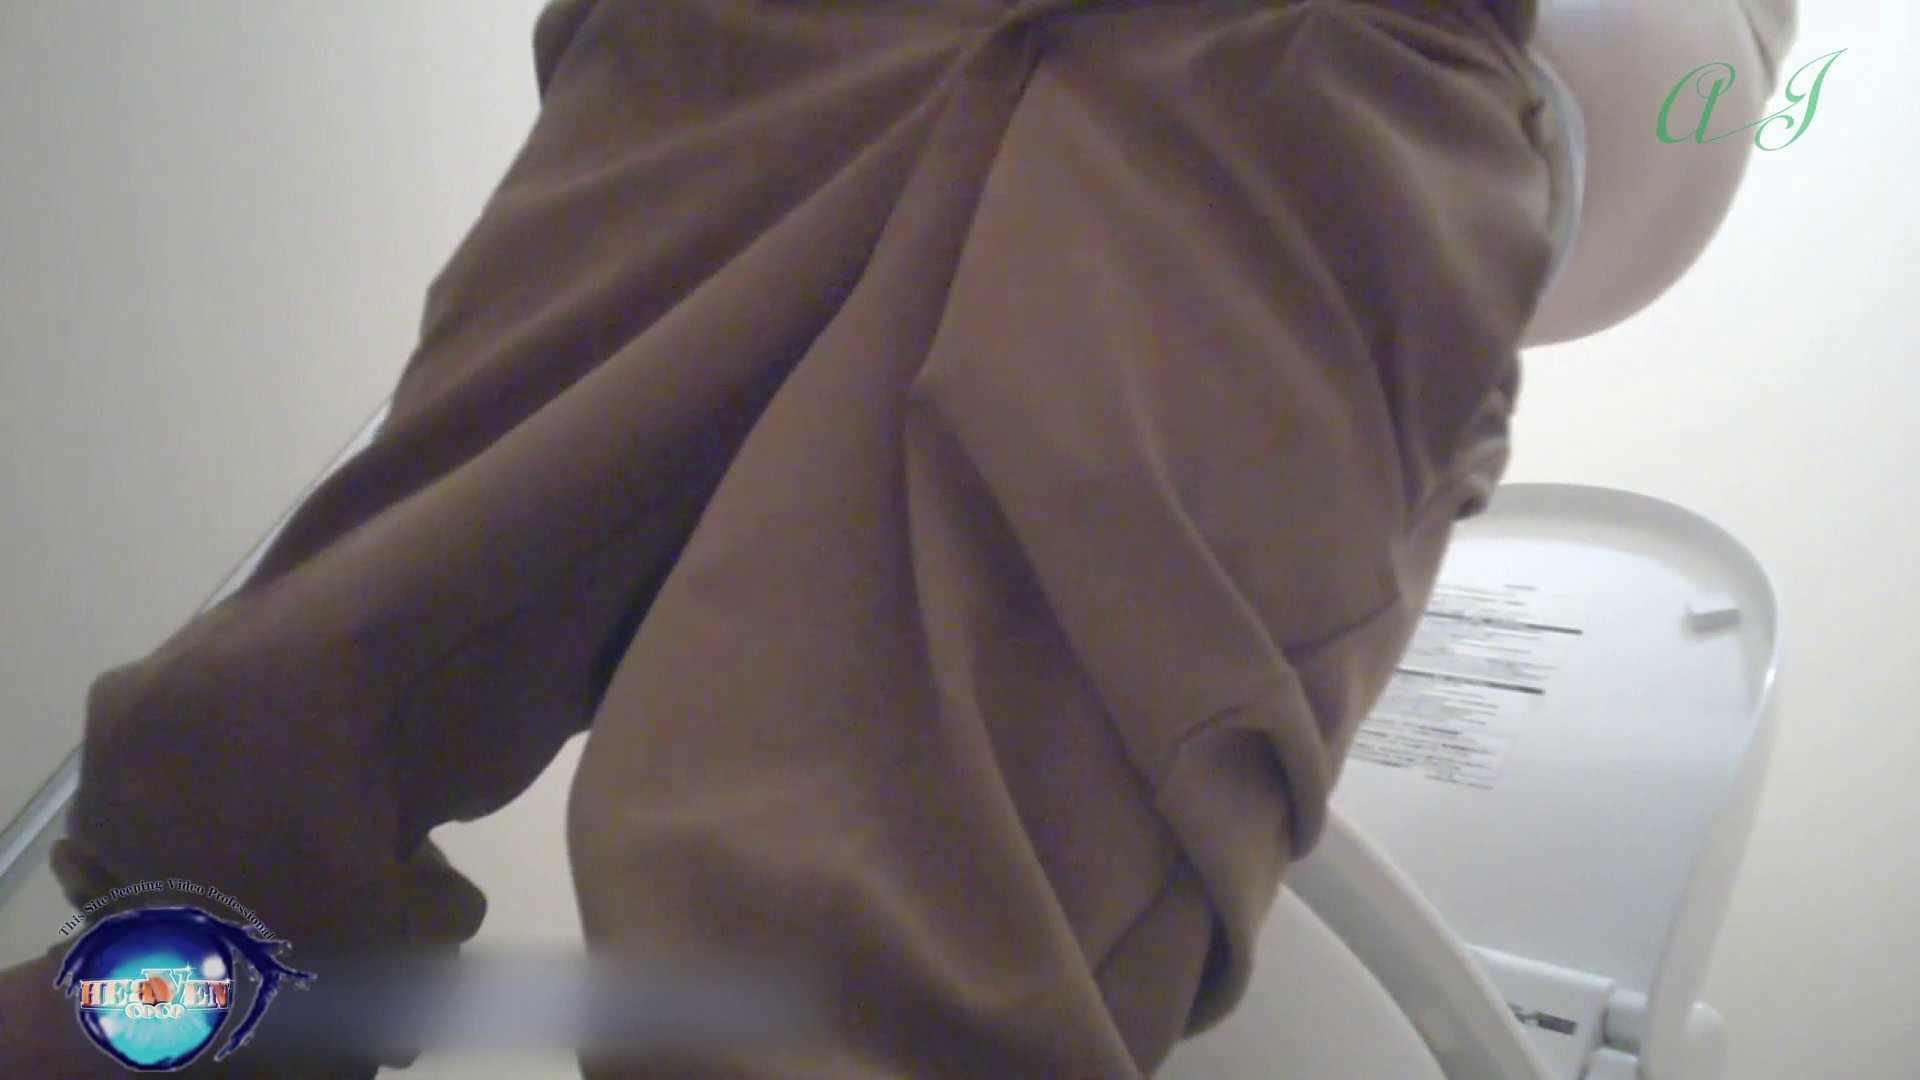 有名大学女性洗面所 vol.71 美女学生さんの潜入盗撮!後編 潜入シリーズ | 投稿  65pic 7